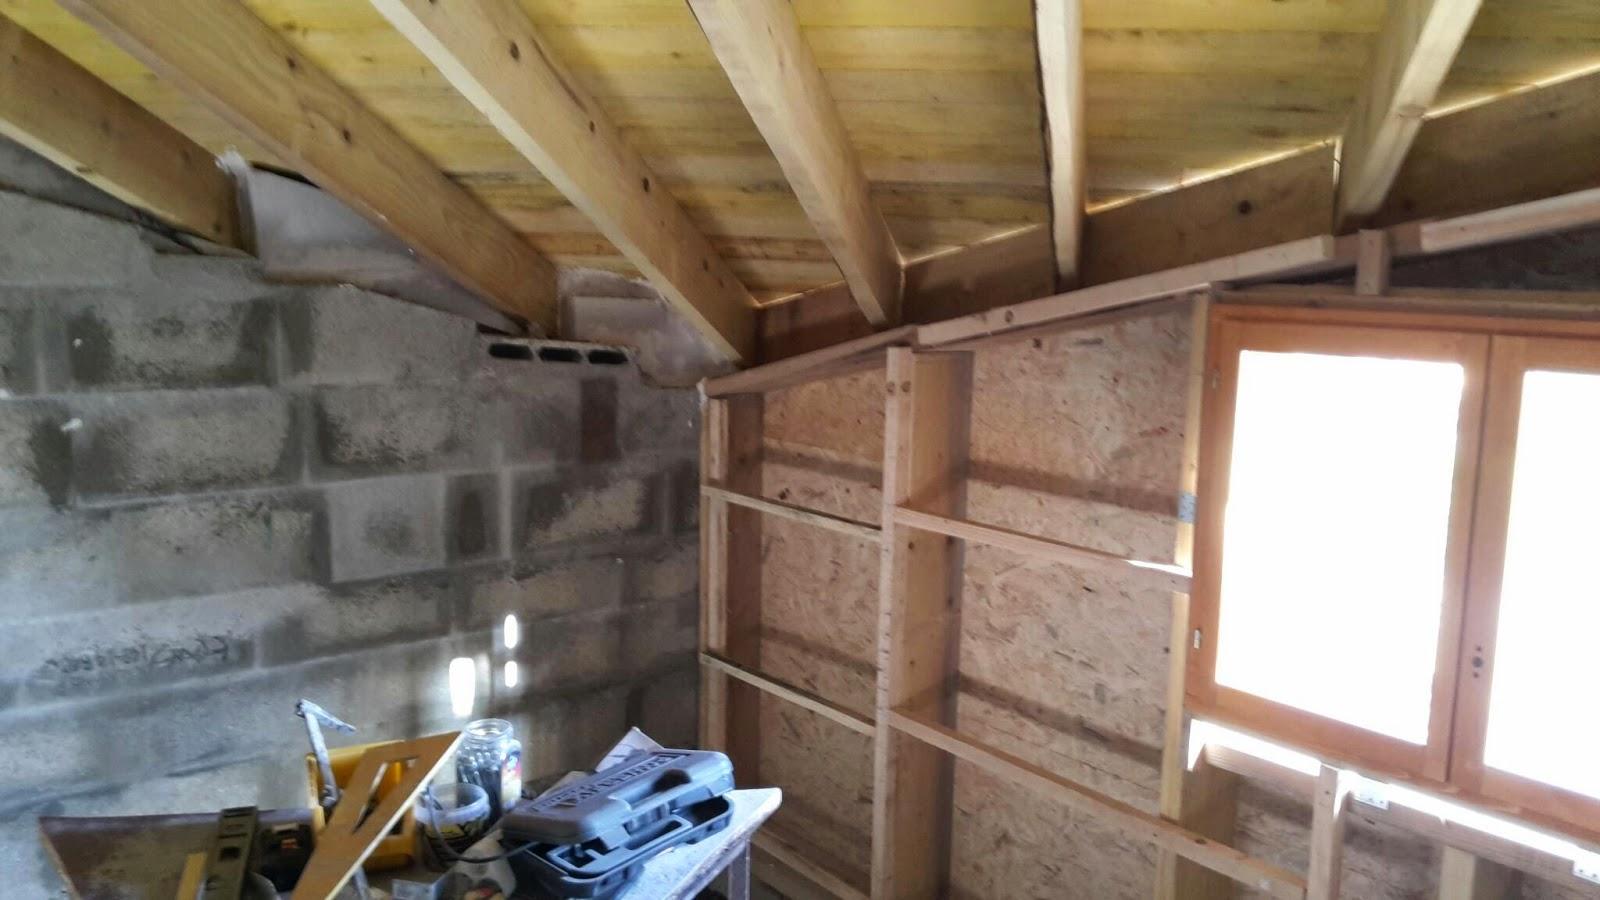 R novation d 39 une ferme bressane de 300 ans en pis et for Renovation d